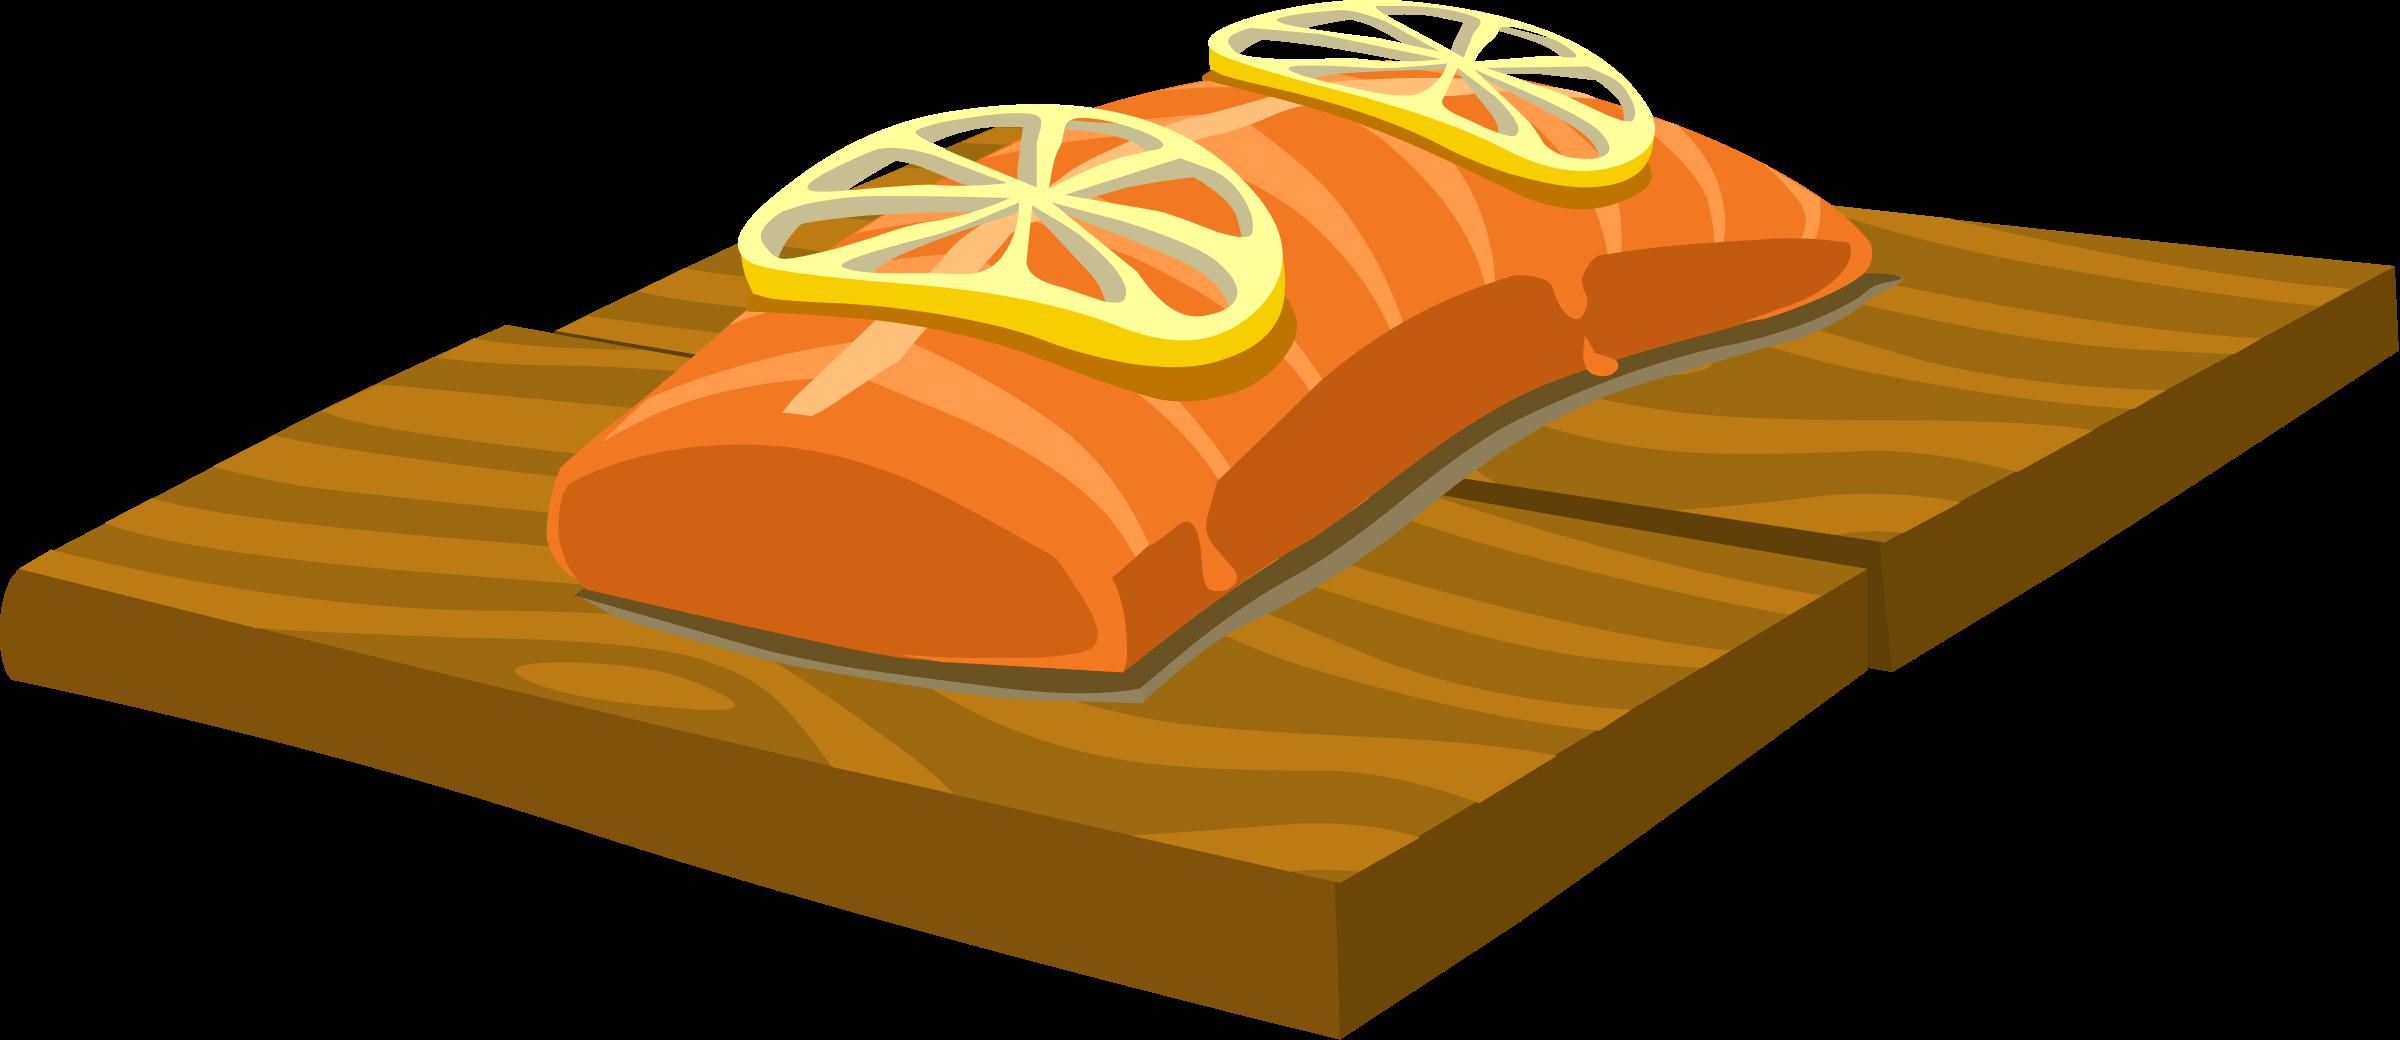 Clip Art Salmon Clip Art salmon clipart kid food cedar plank by glitch